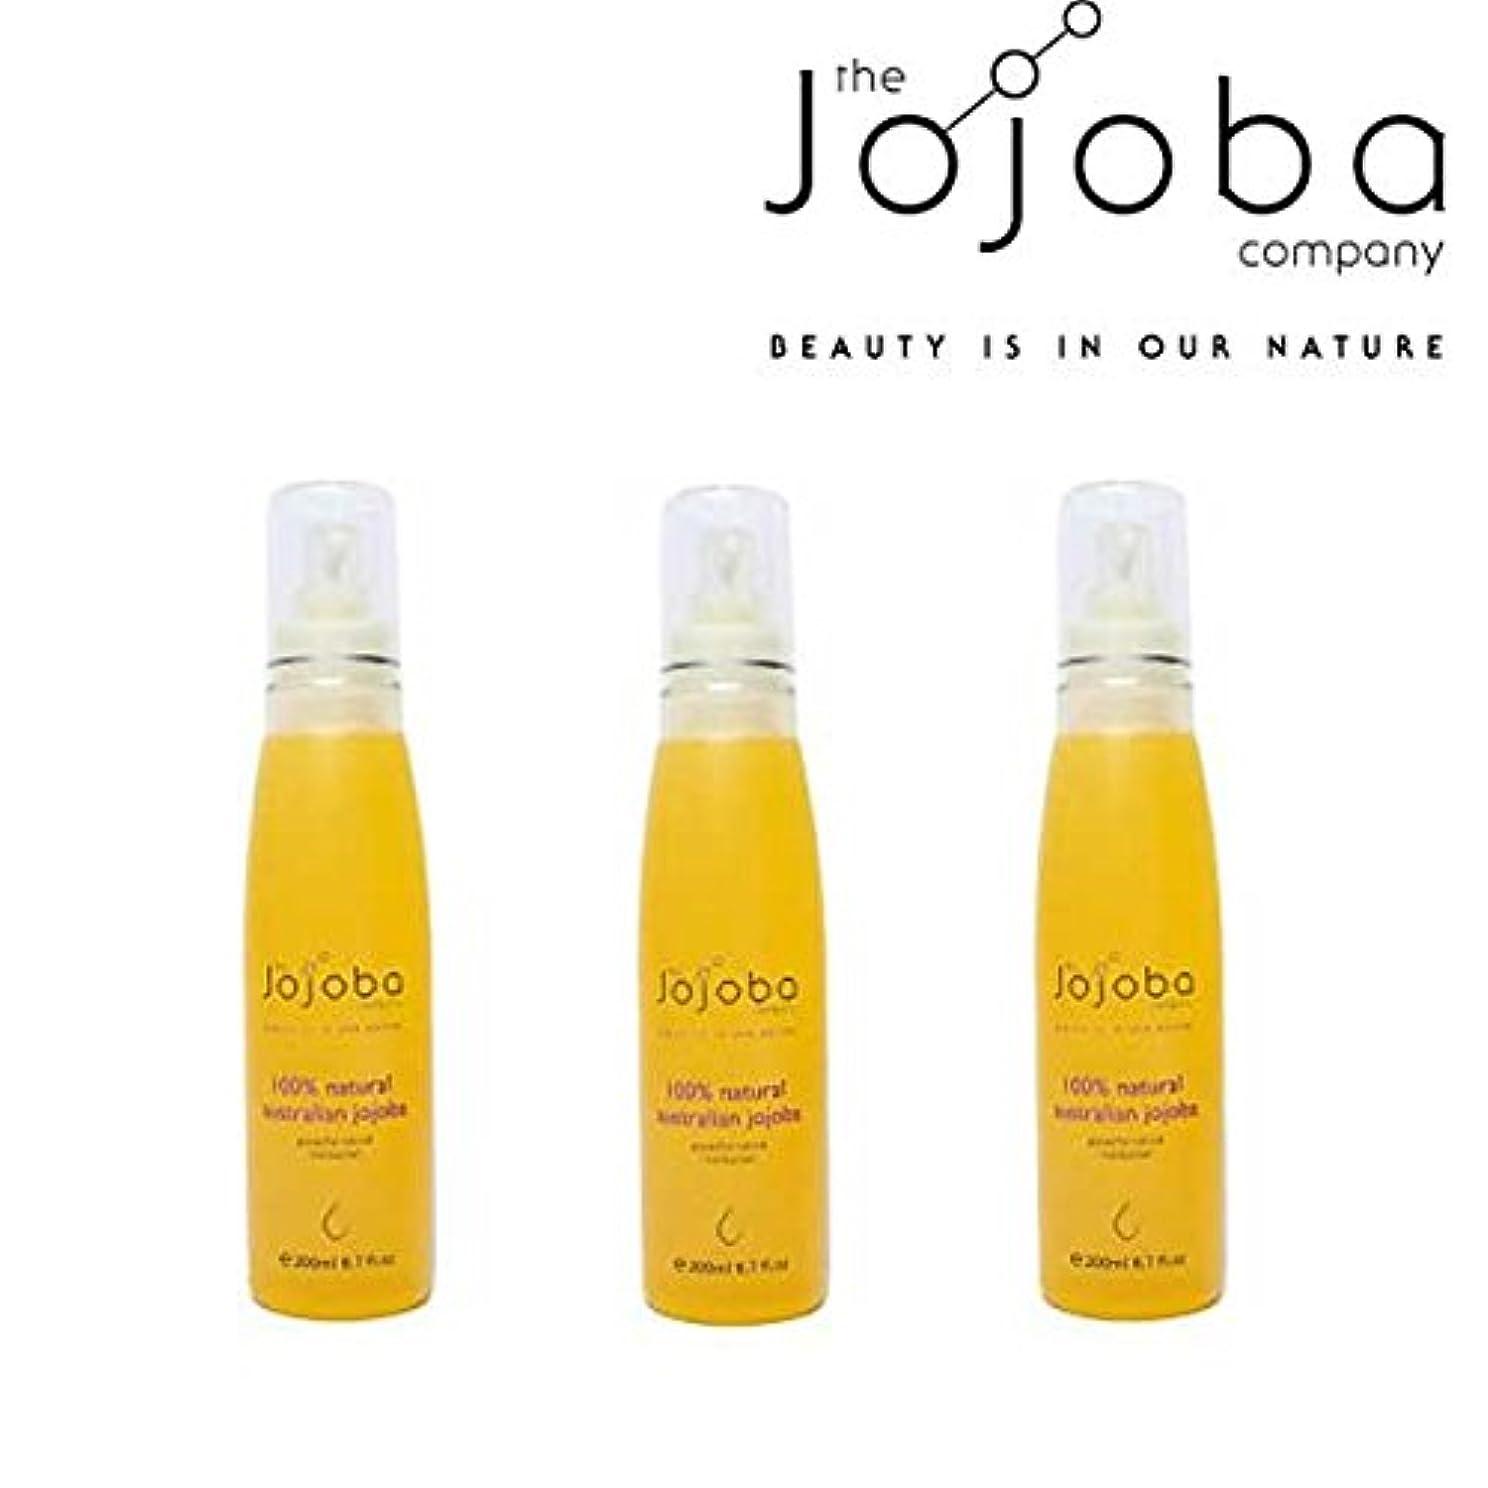 バンカー静かなサンドイッチ[The jojoba Company]天然100% オーストラリア産ゴールデンホホバオイル200ml(3本セット)[海外直送品]